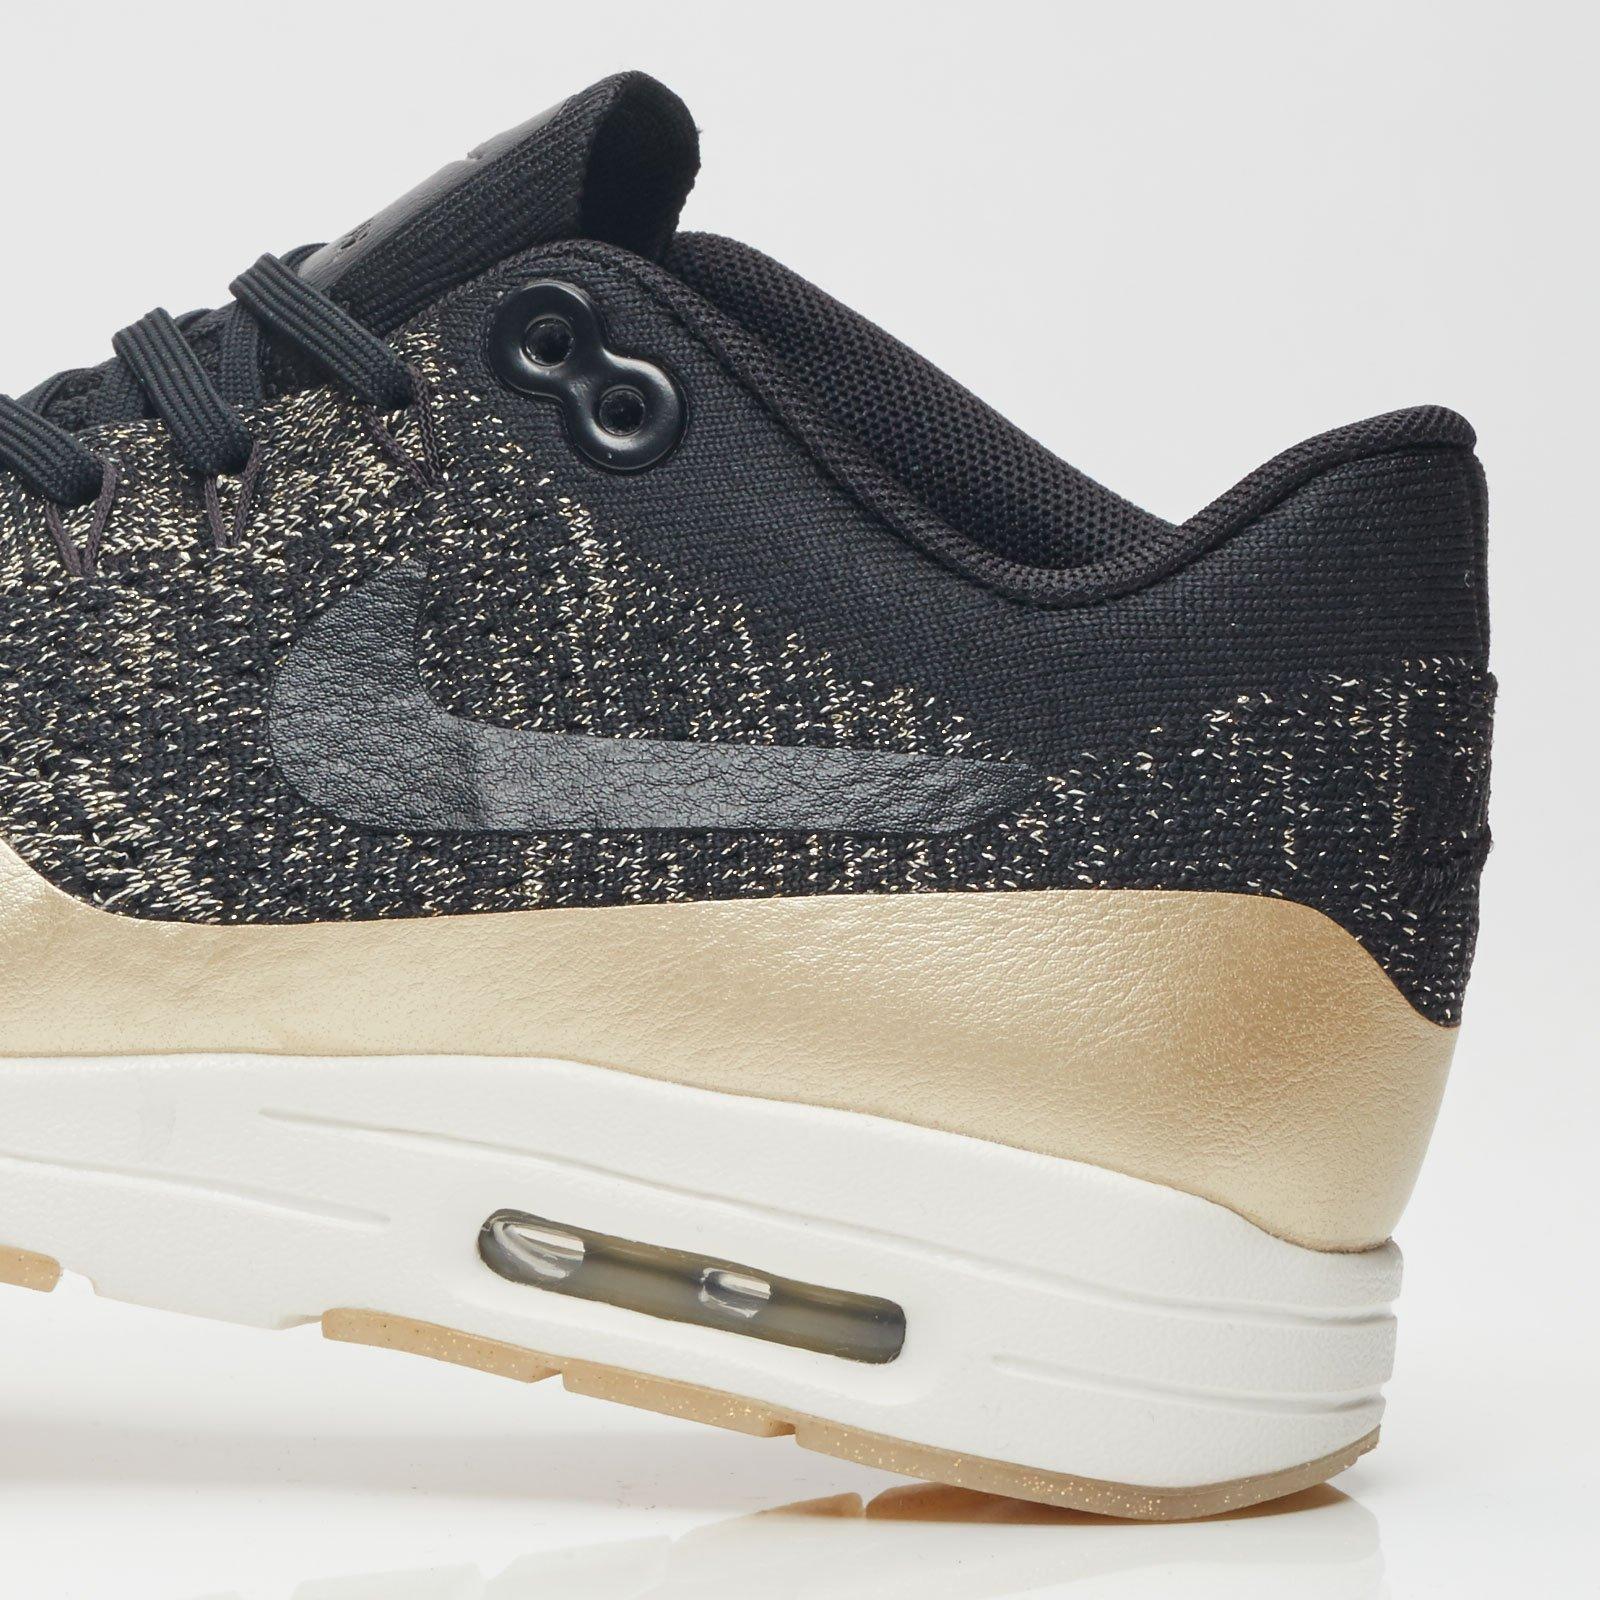 new product 7108c 19f4f Nike Sportswear Wmns Air Max 1 Ultra 2.0 Fk Mtlc - 6. Close